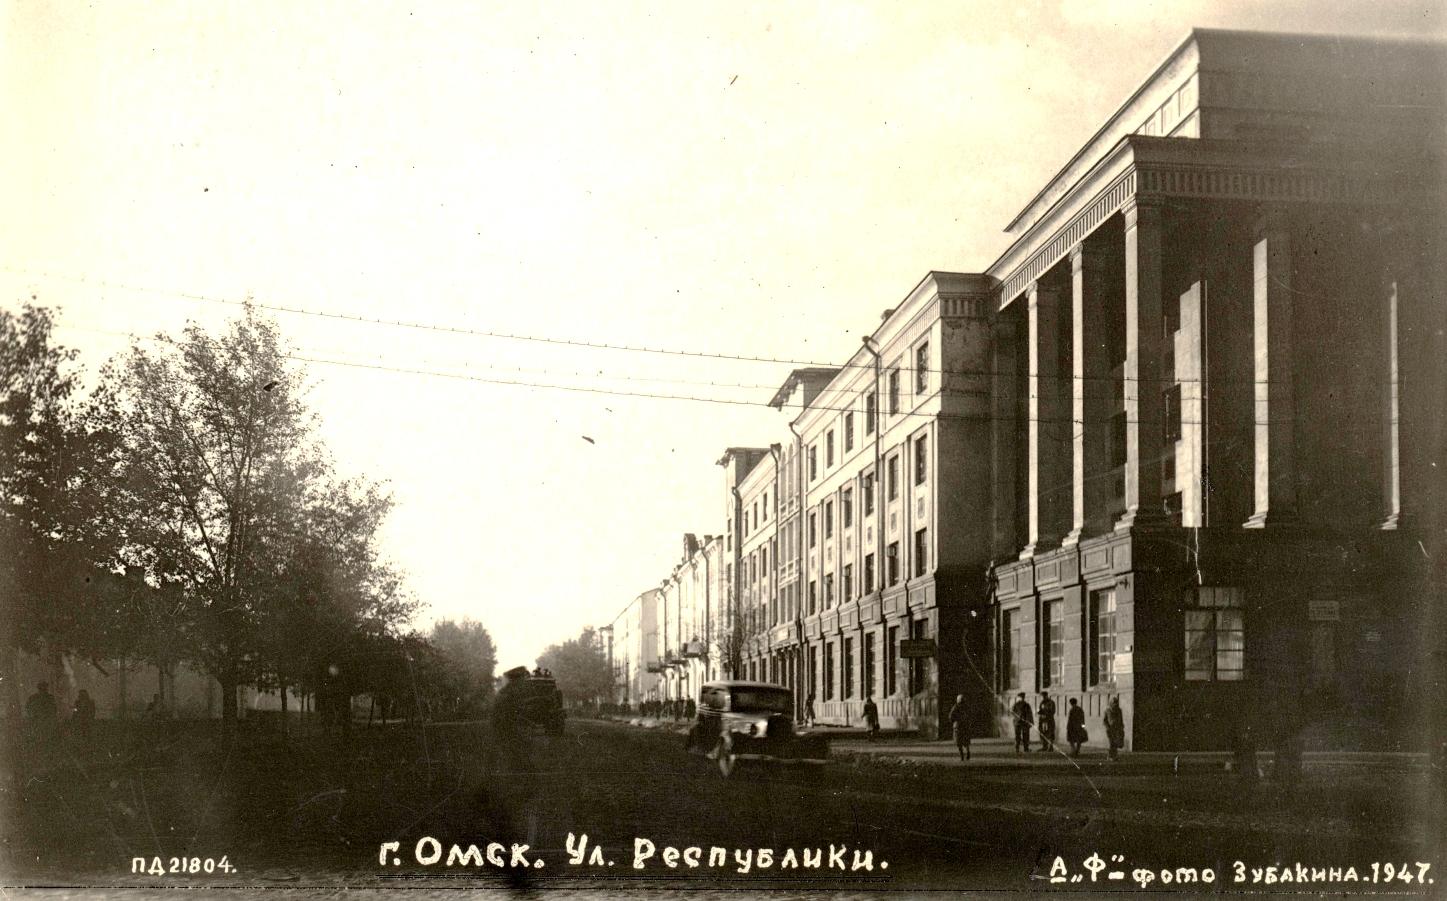 Республики 1947